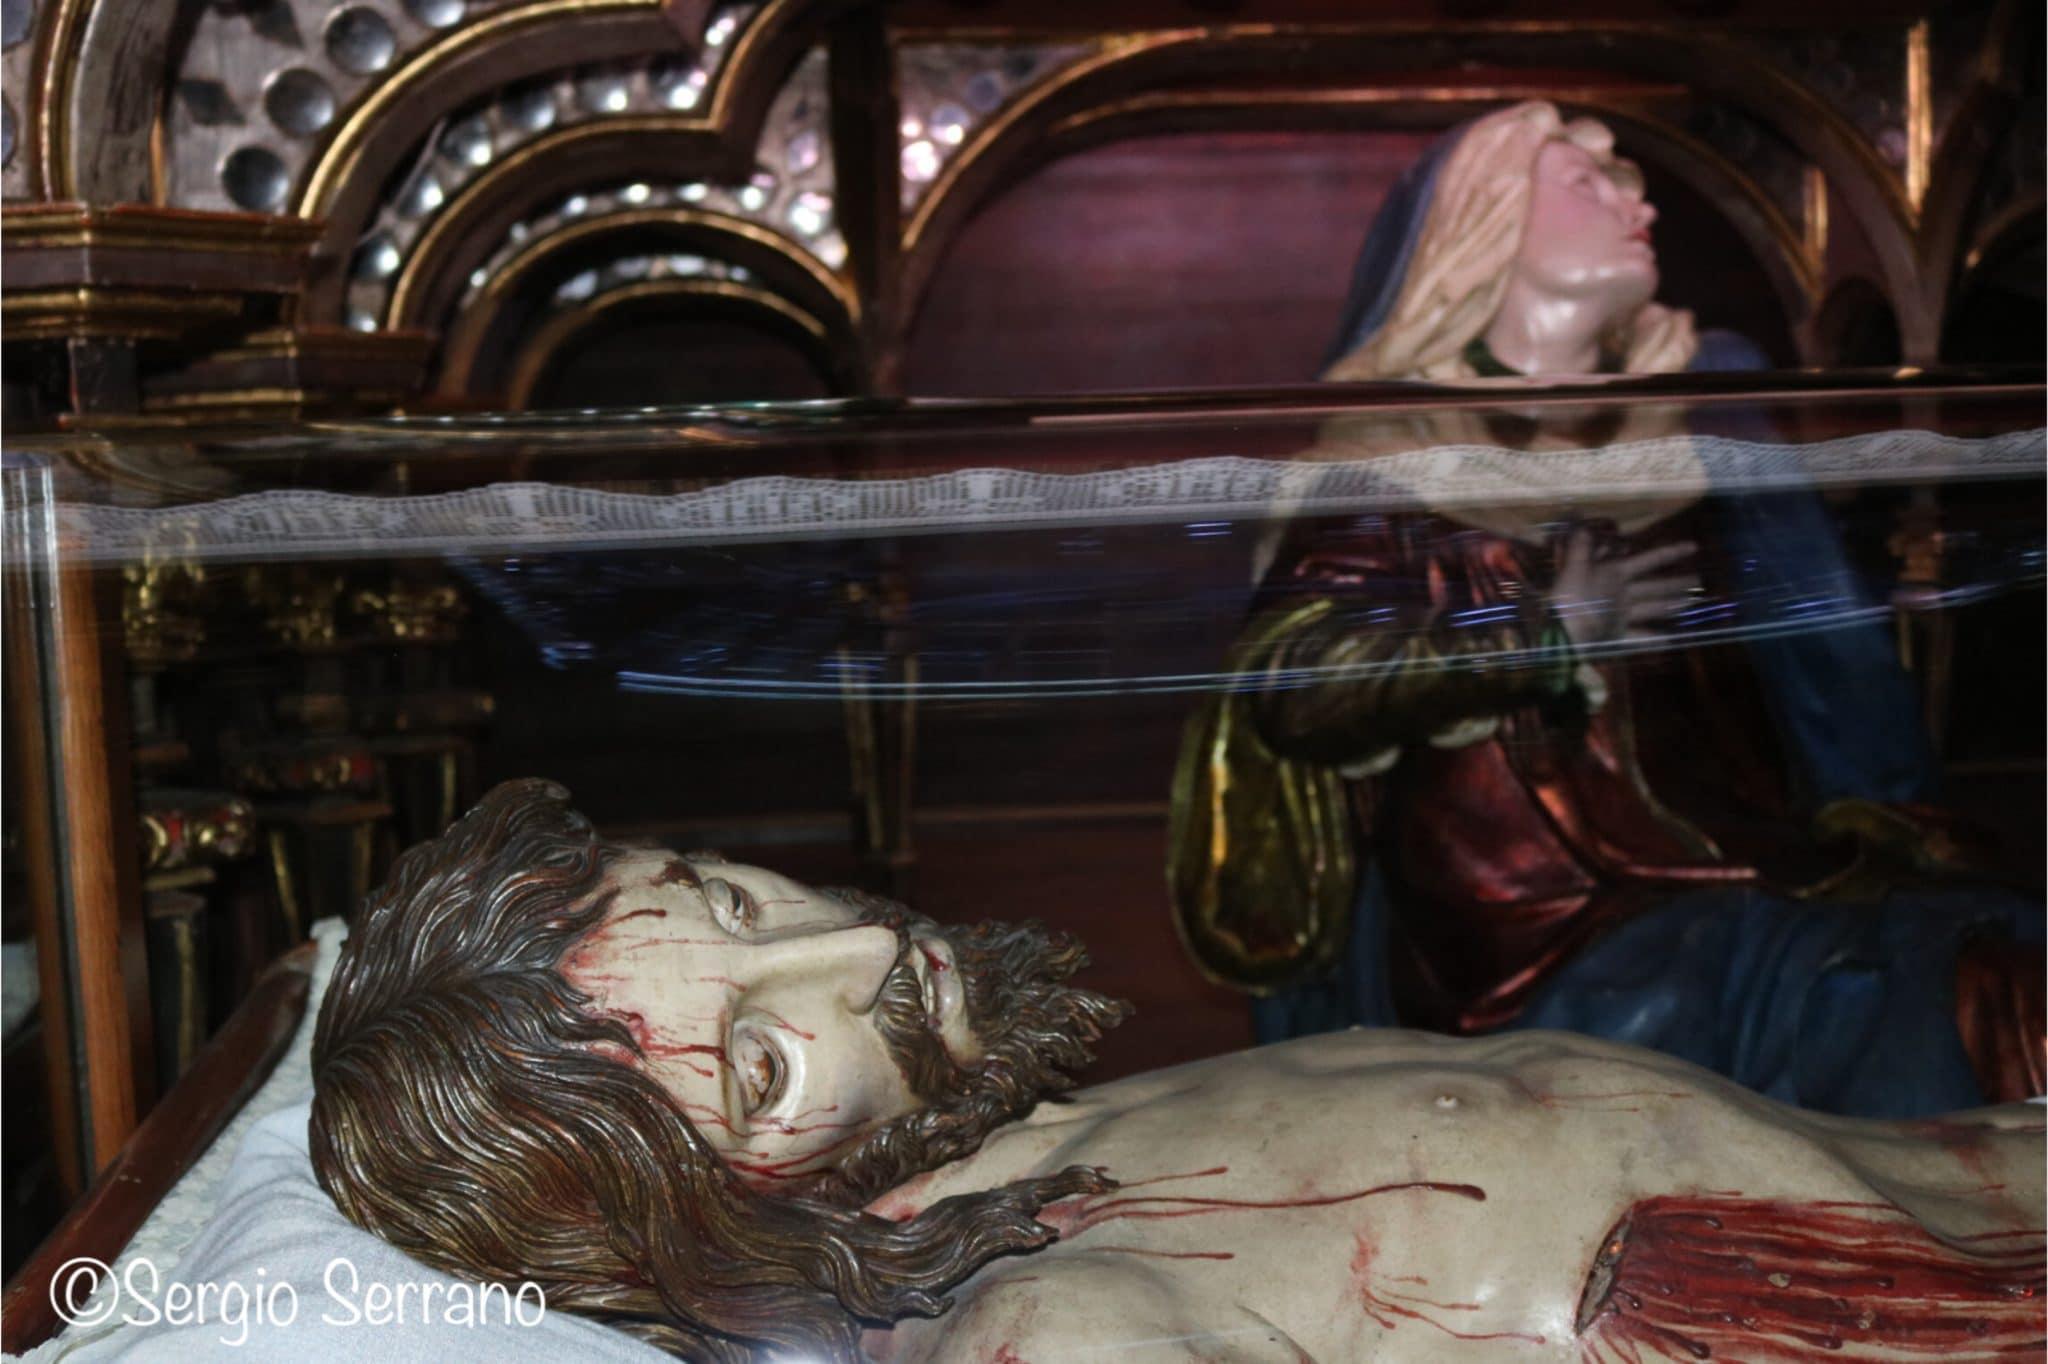 Semana Santa en Valladolid - Procesión cofradía del descendimiento y santo Cristo de la buena muerte